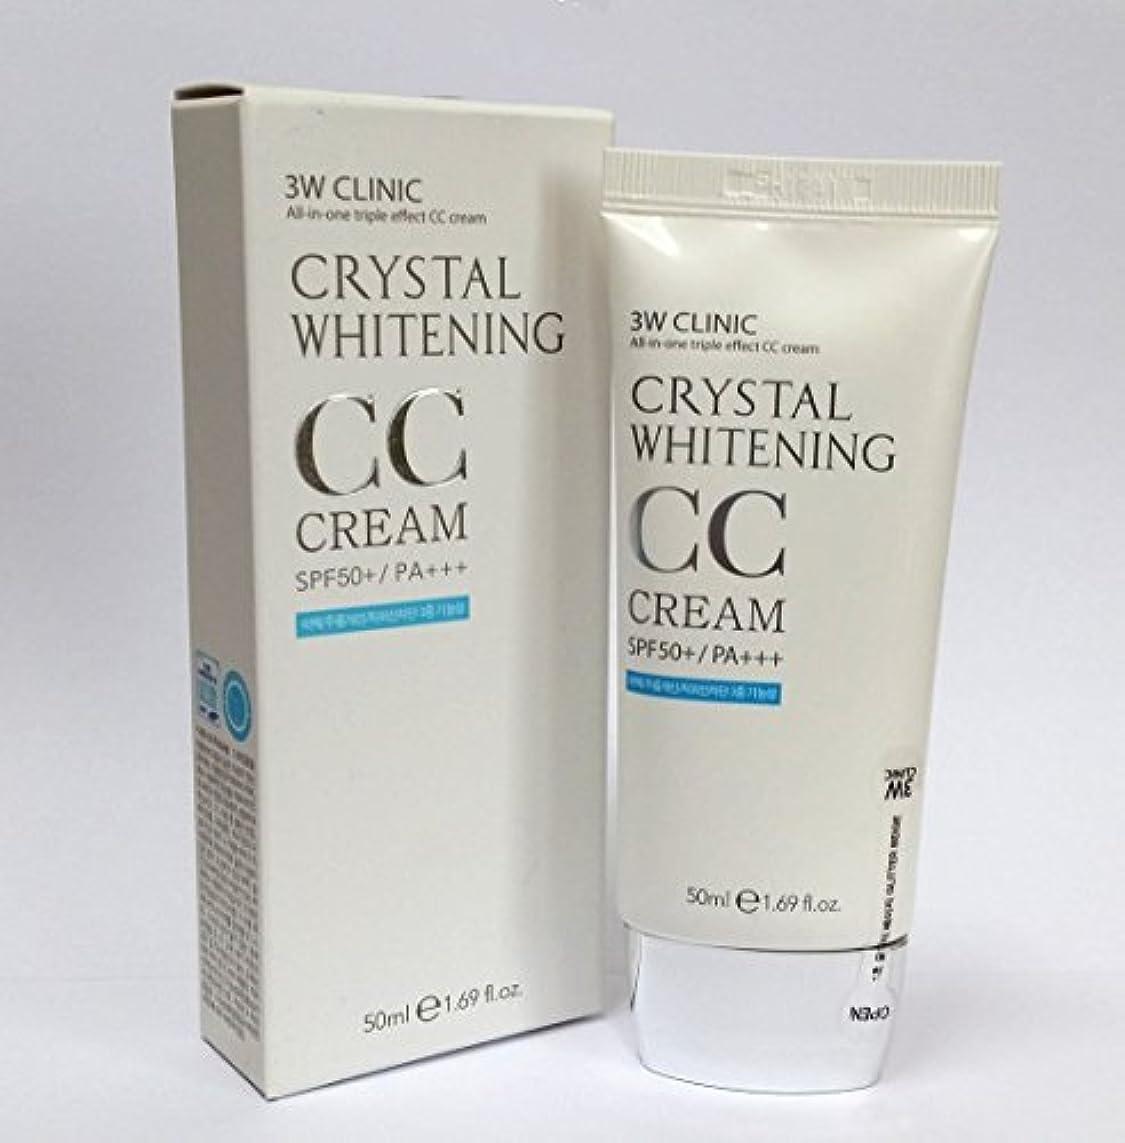 圧倒的モルヒネ滴下[3W CLINIC] クリスタルホワイトニングCCクリーム50ml SPF50 PA +++ / #02 Natural Beige / Crystal Whitening CC Cream 50ml SPF50 PA...